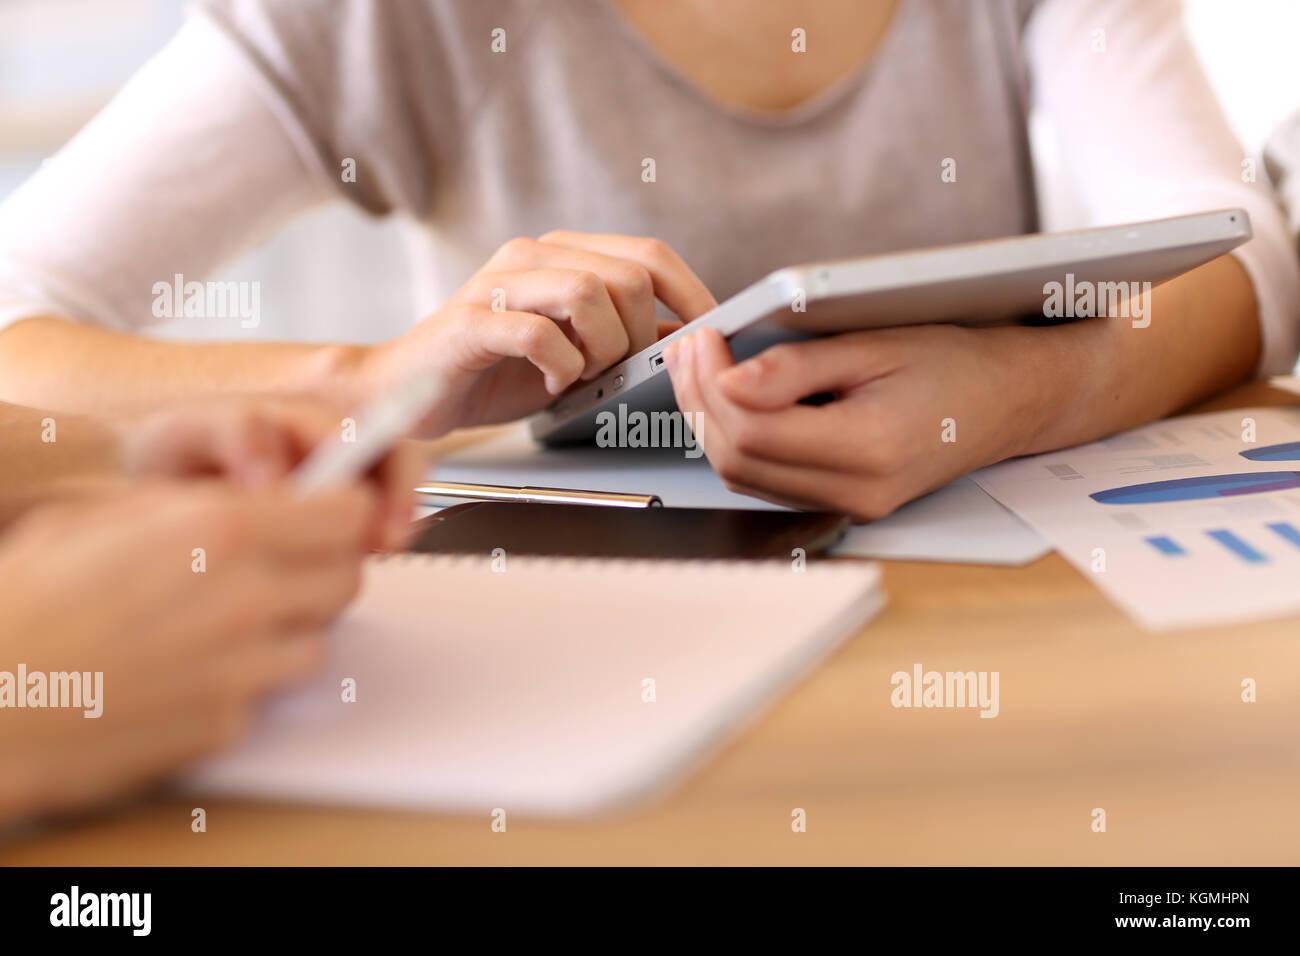 Persone in ufficio utilizzando tavoletta digitale Immagini Stock